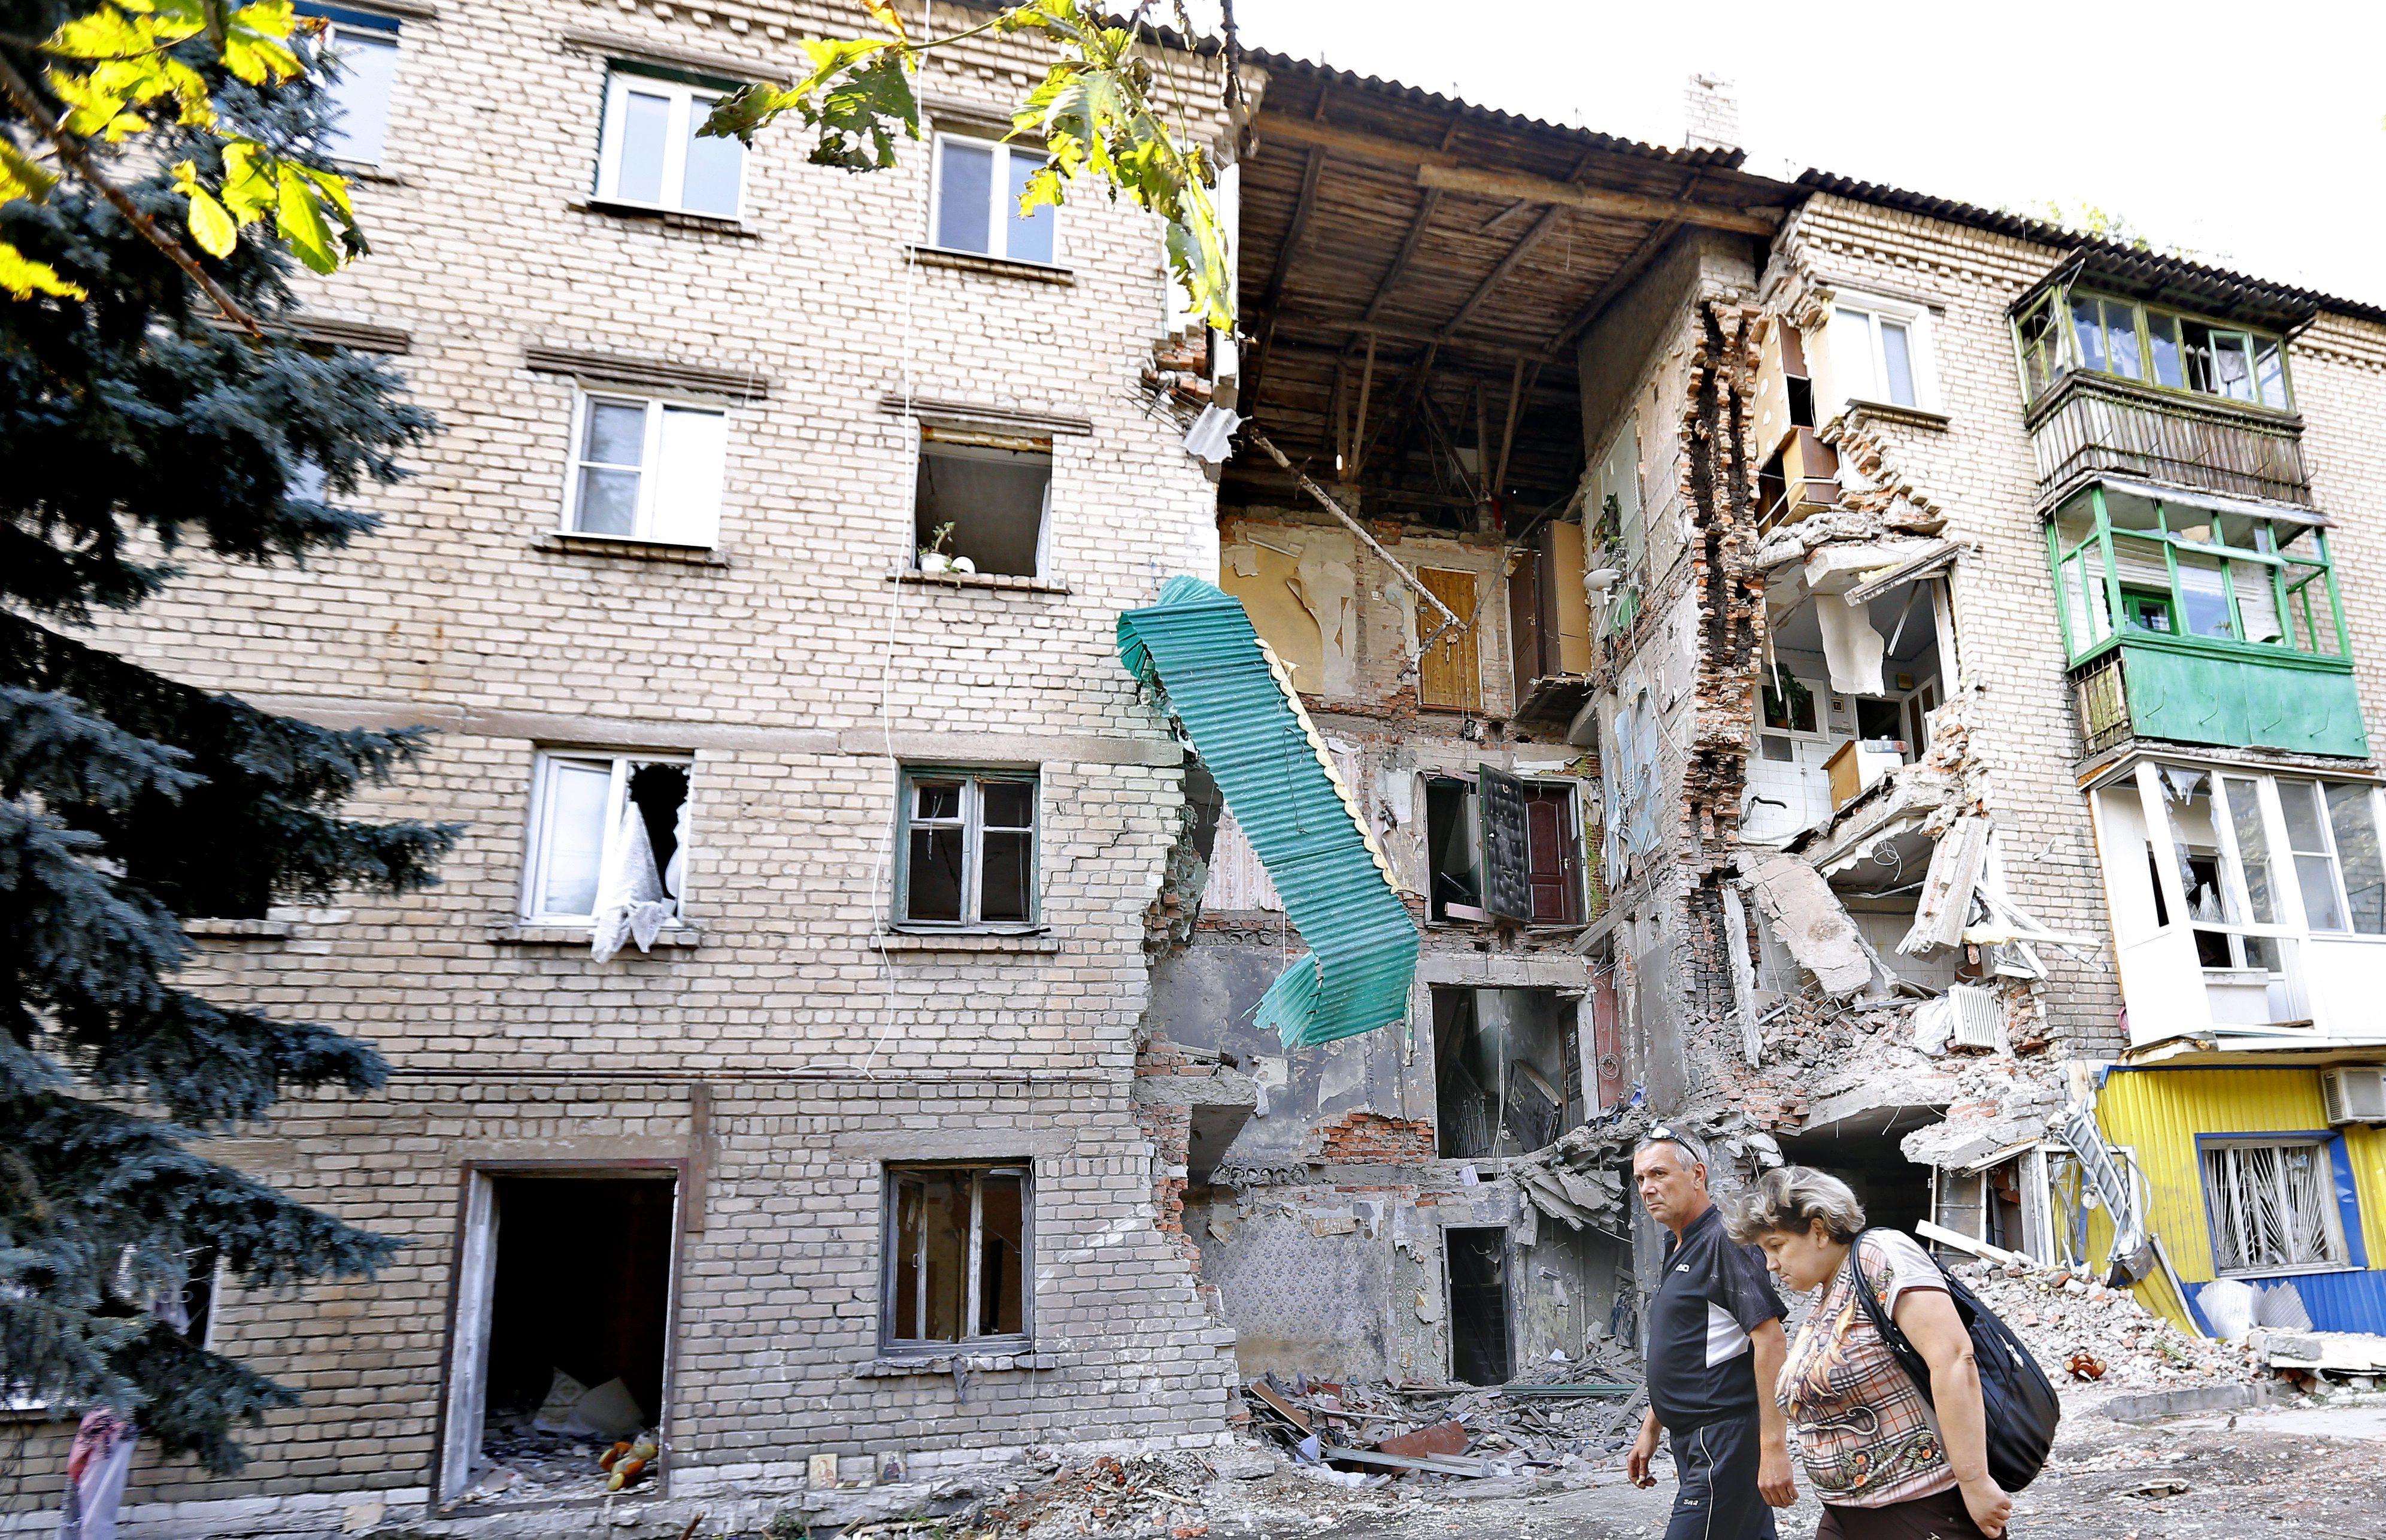 Последсвия артобстрела жилых кварталов юго-востока Украины